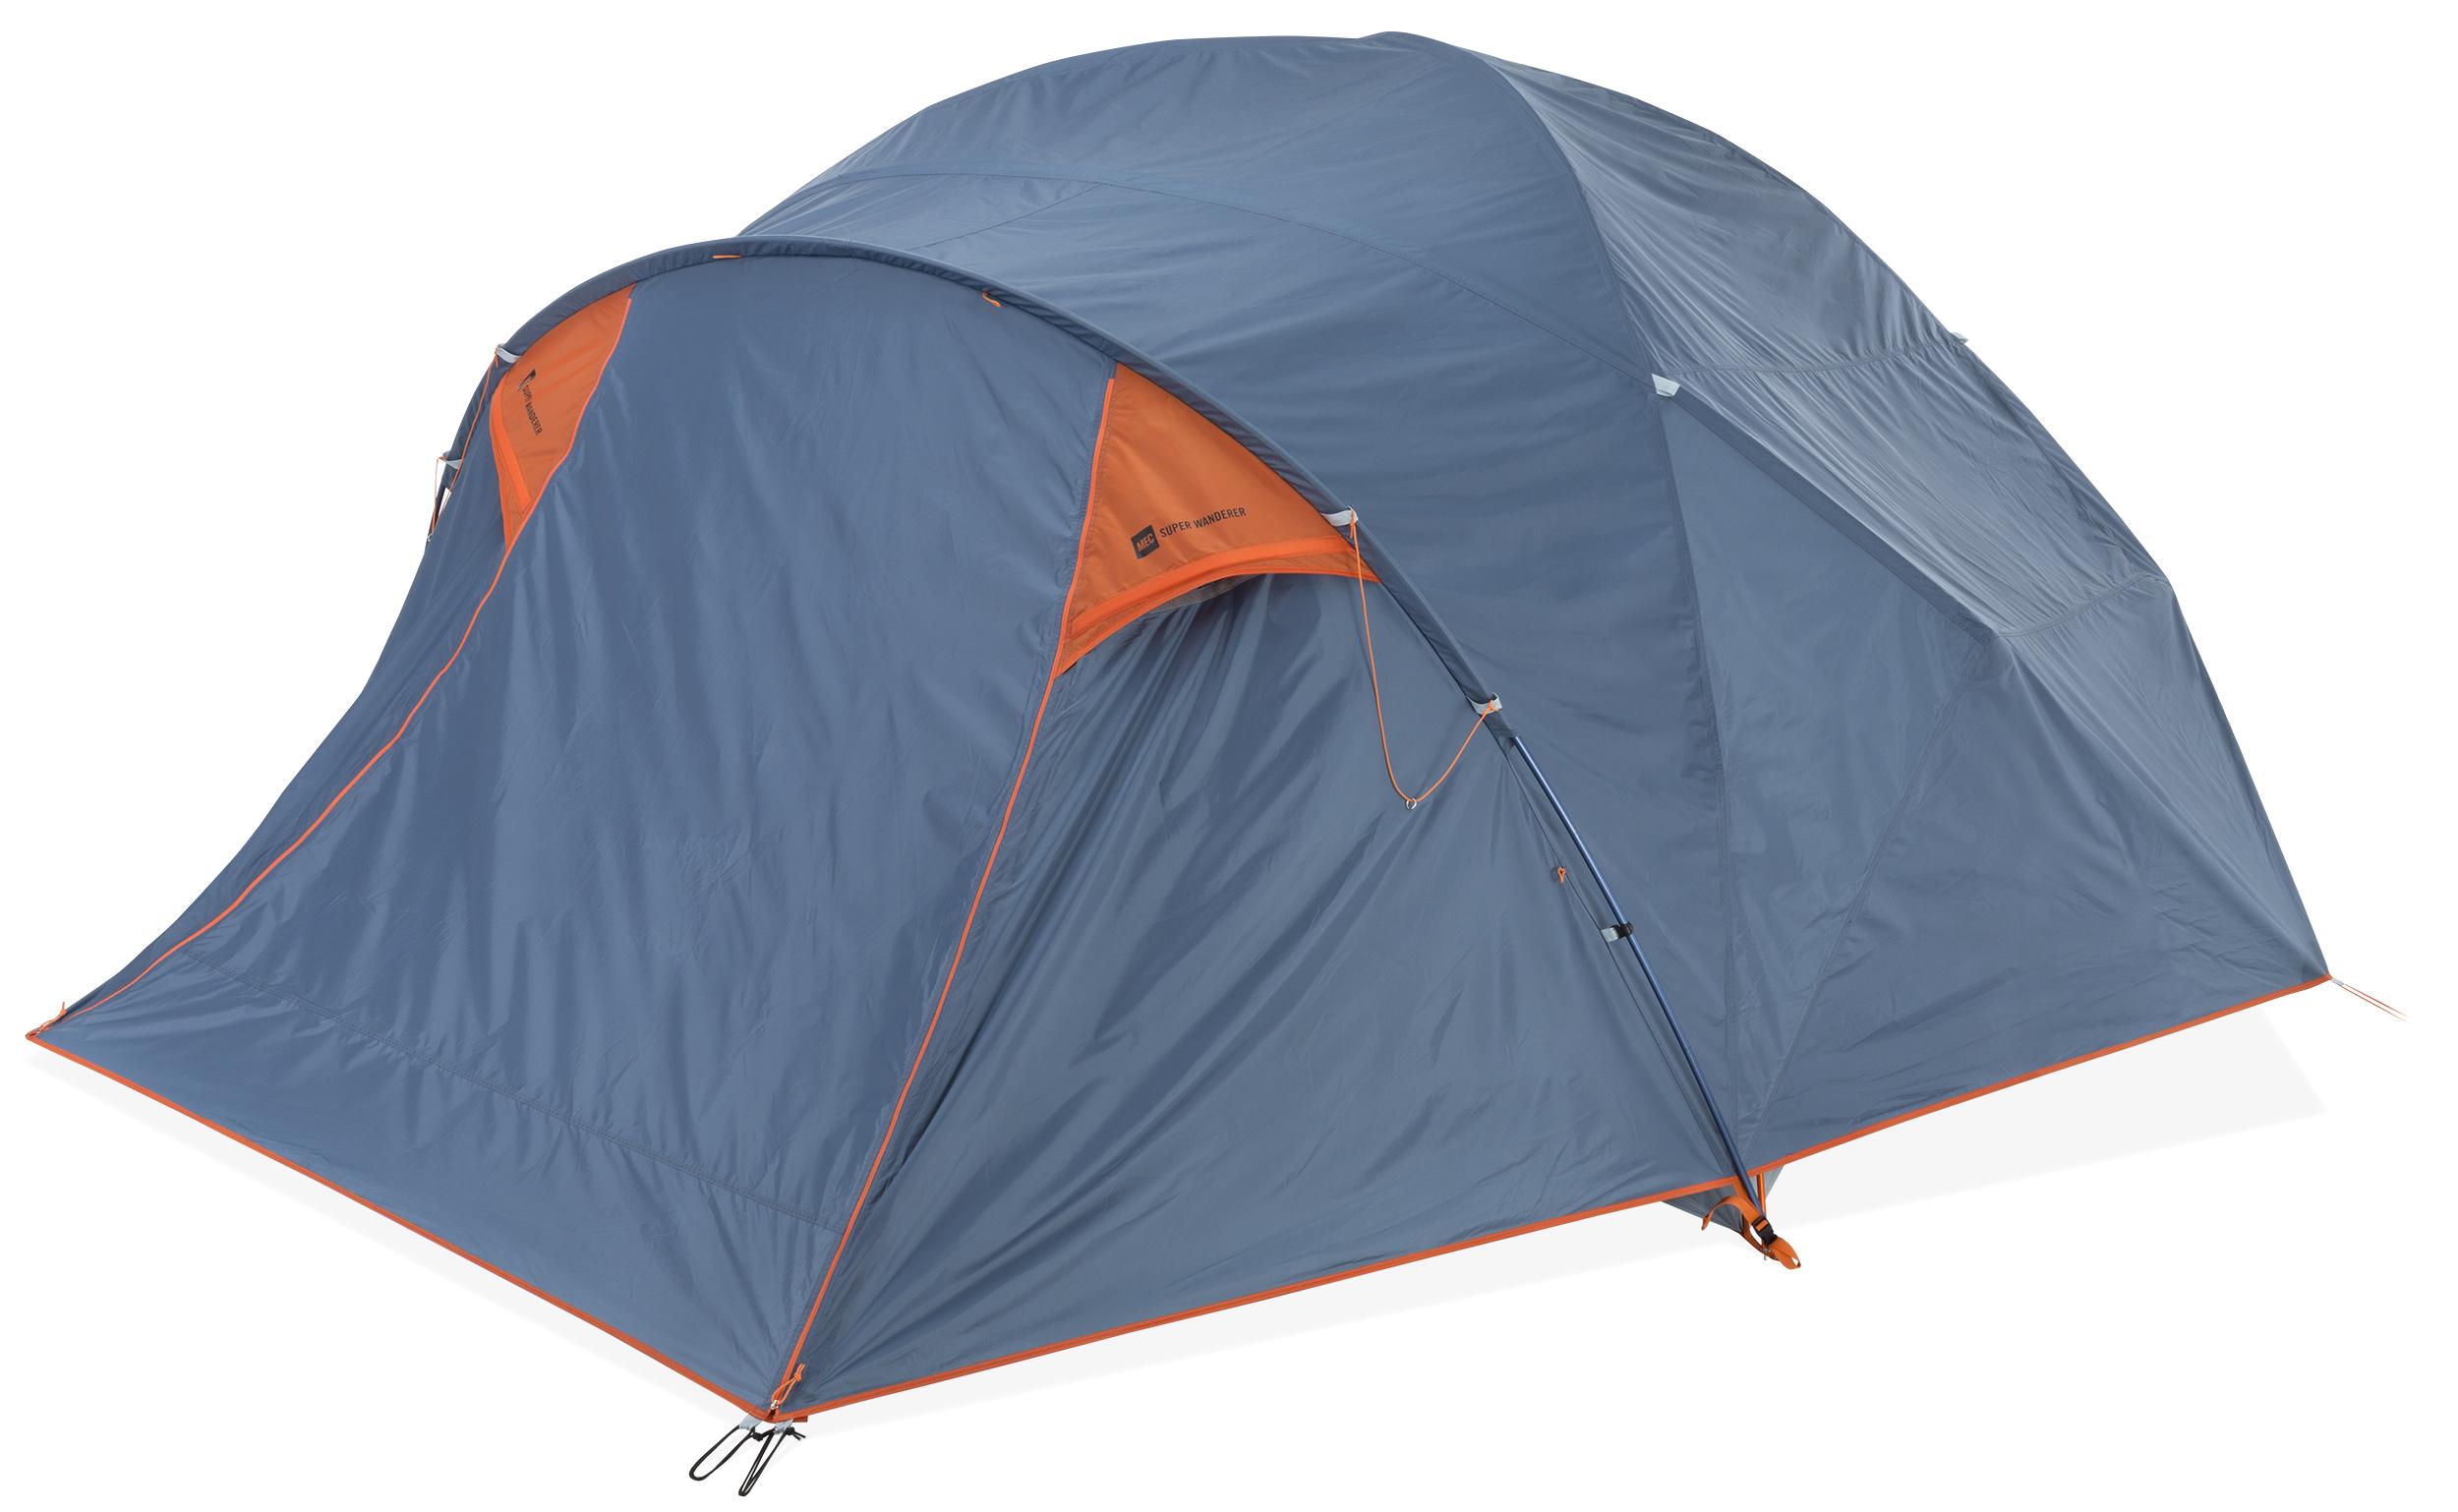 sc 1 st  MEC & MEC Super Wanderer Tent